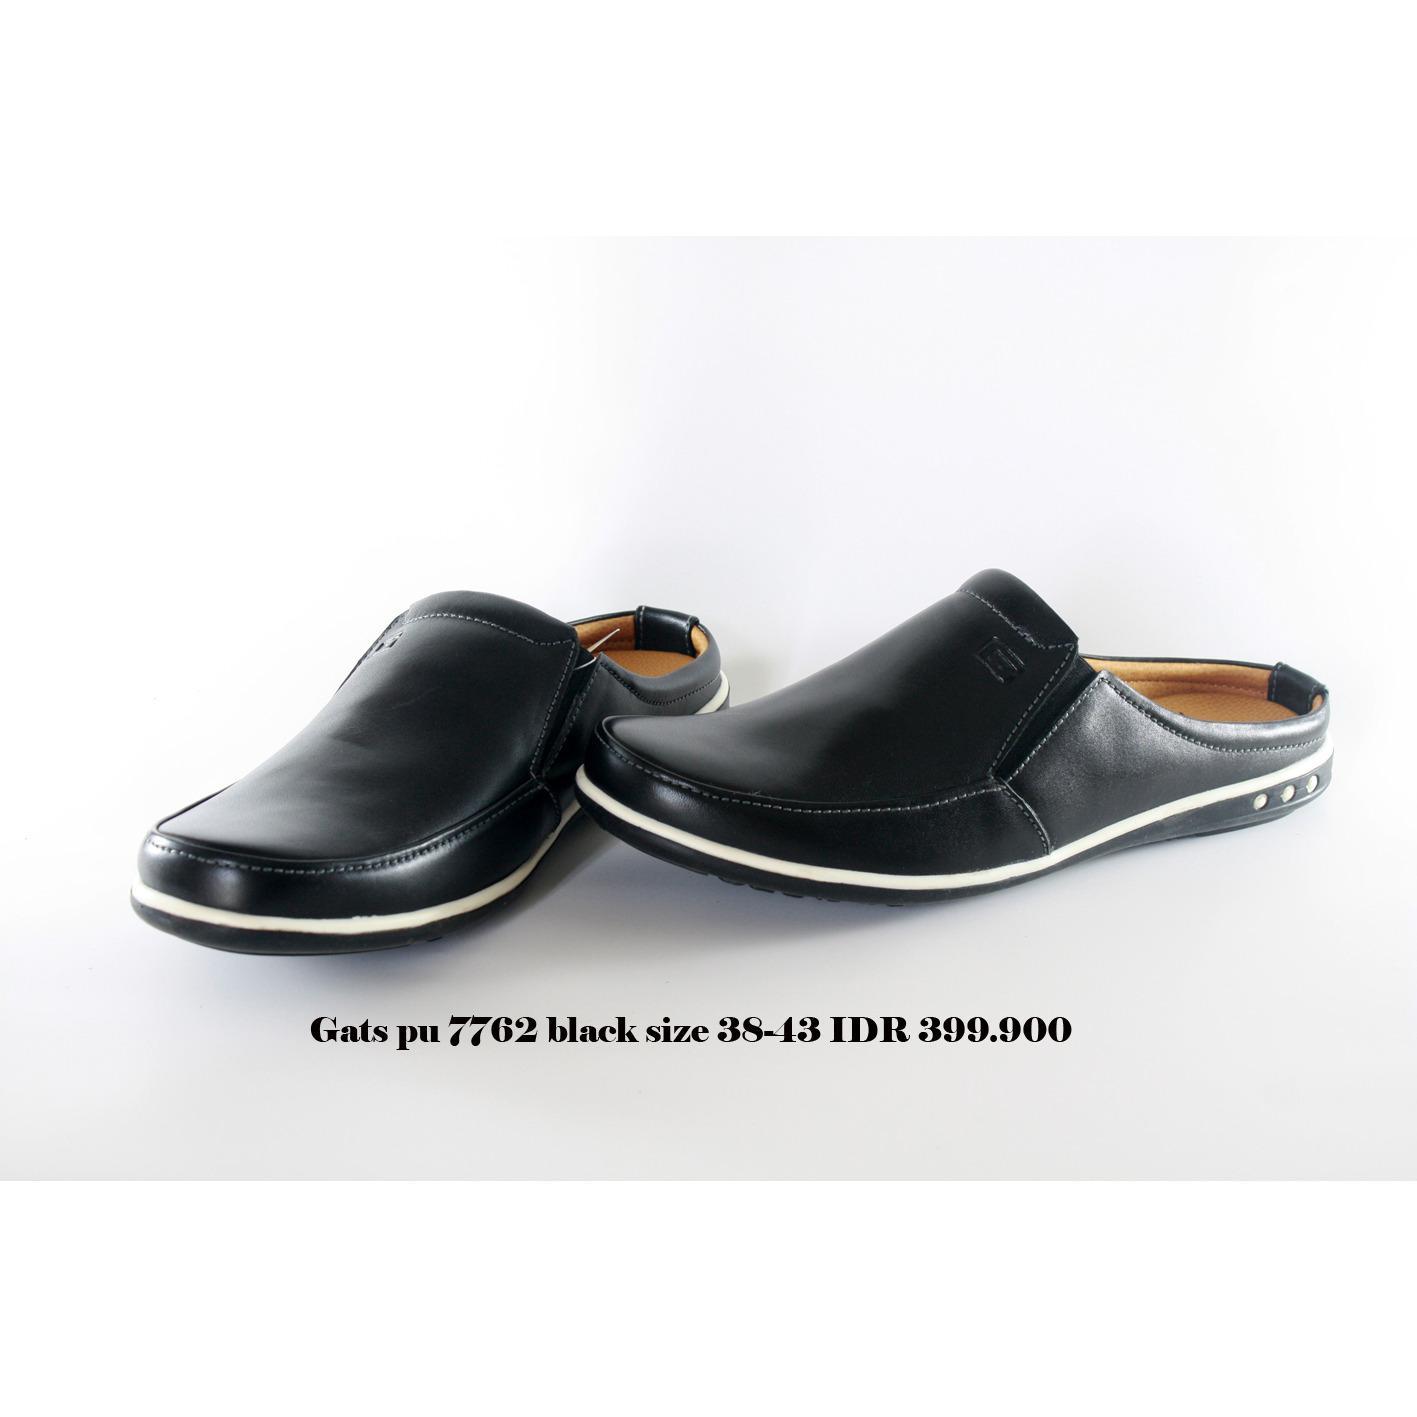 gats pu 7762 sepatu bustong pria hitam